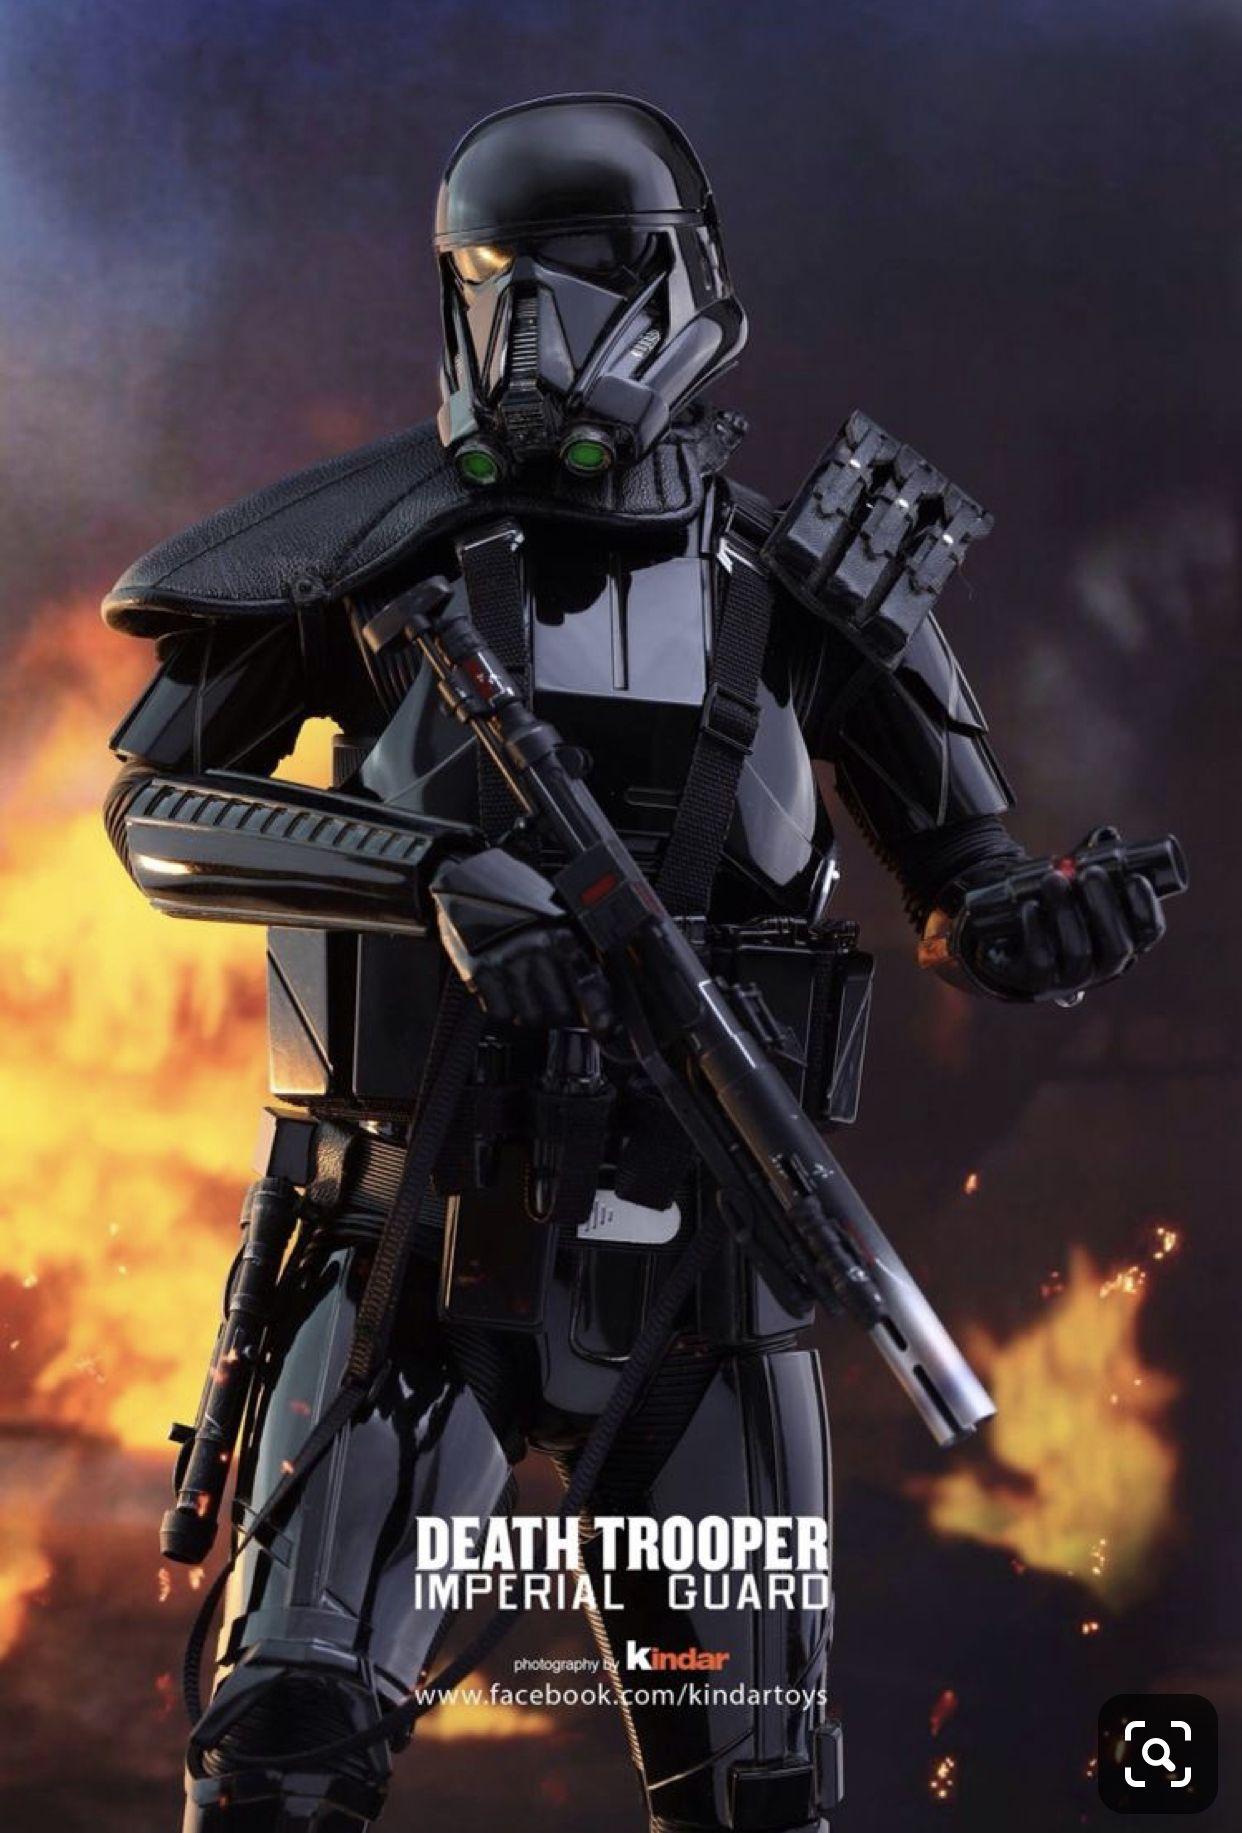 Star Wars Death Trooper Wallpaper